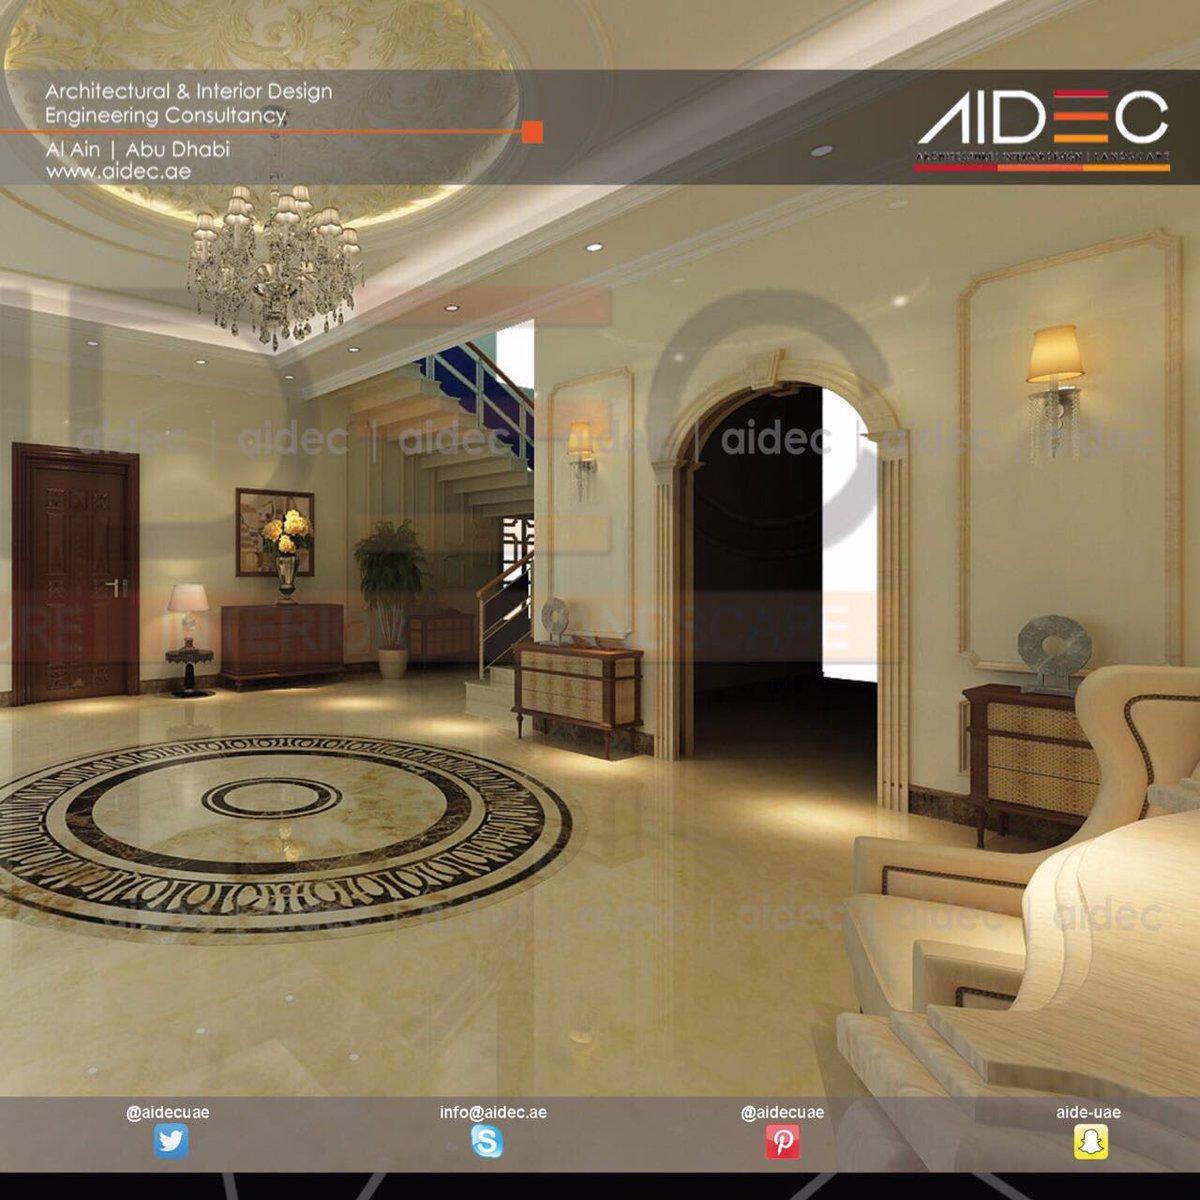 AIDEC on Twitter Proposed Interior Design Residential Villa aidec